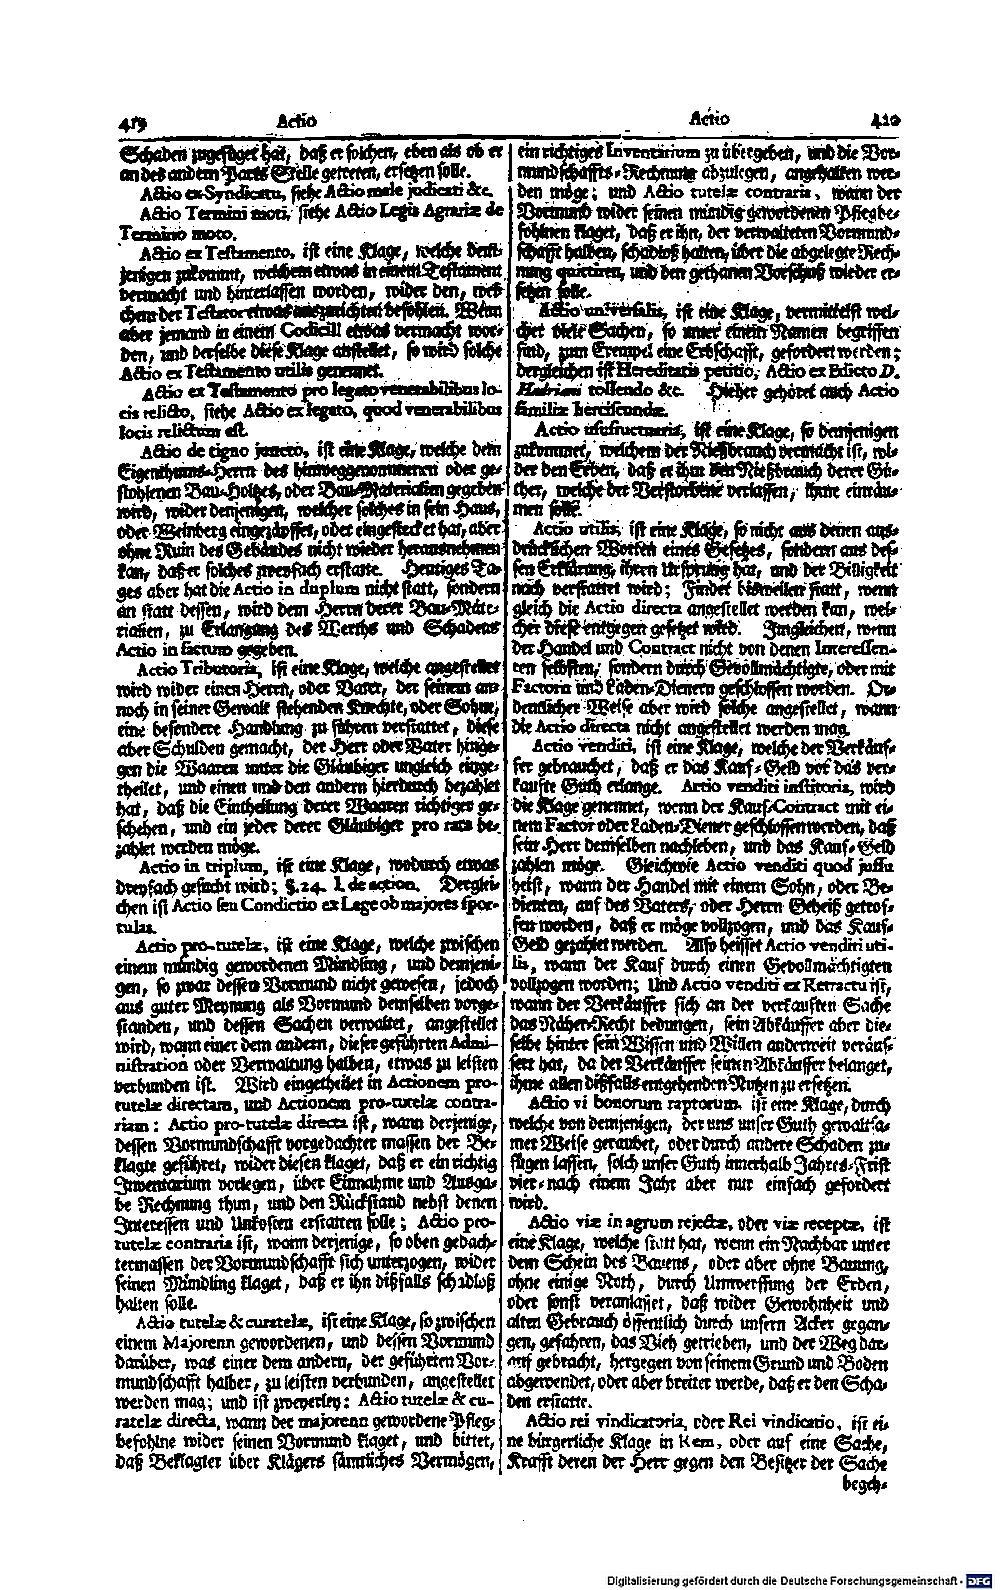 Bd. 01, Seite 0249.